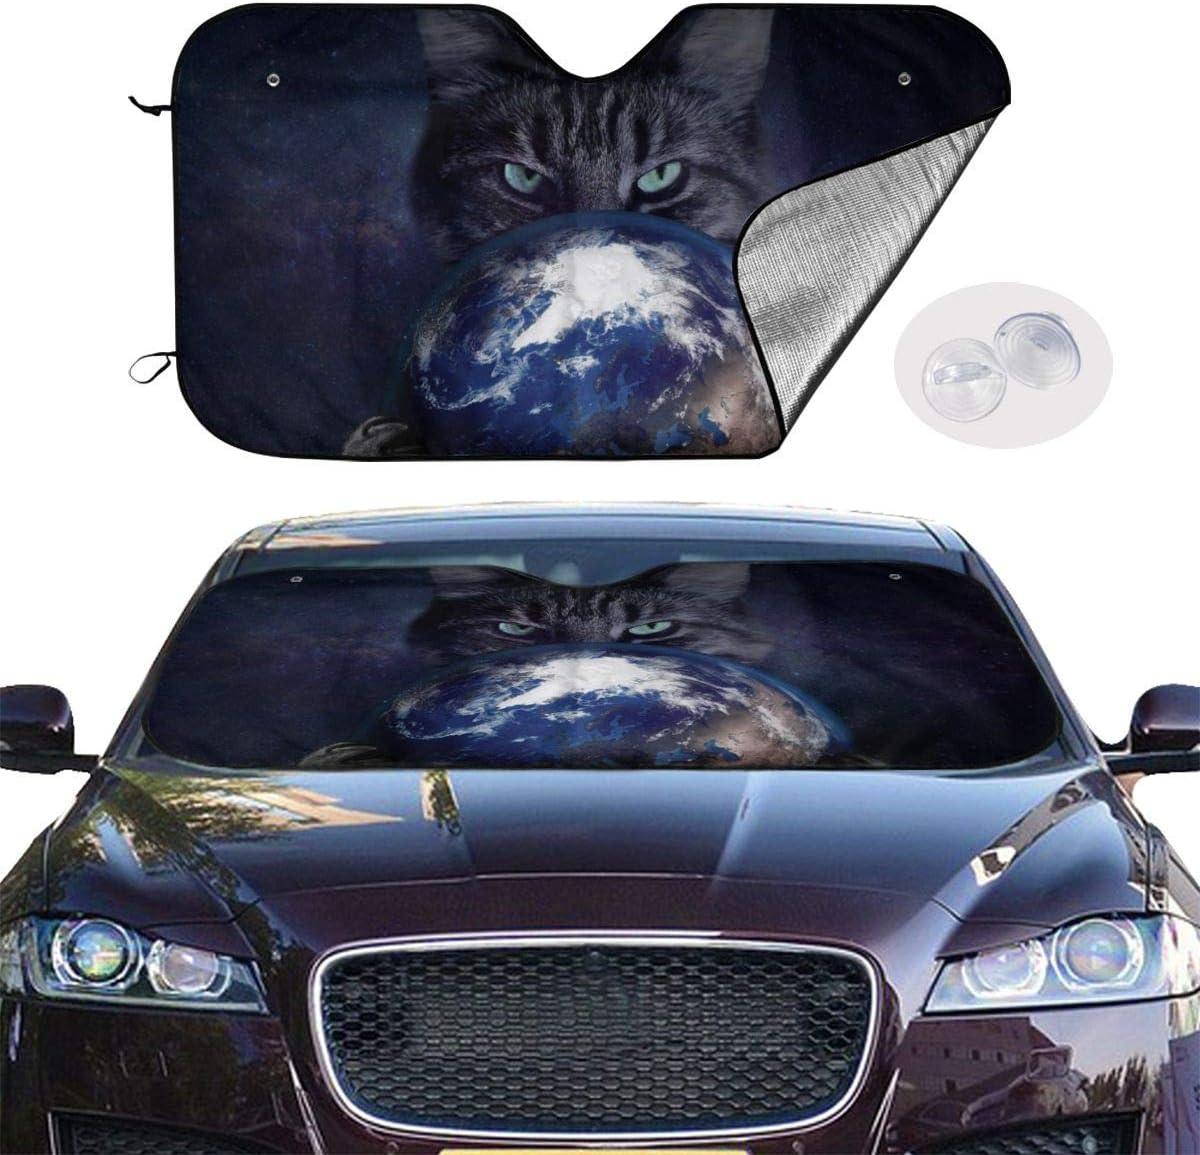 Opiadco Sternenraum Katze Auto Windschutzscheibe Sonnenschutz Lustige Neuheit M.